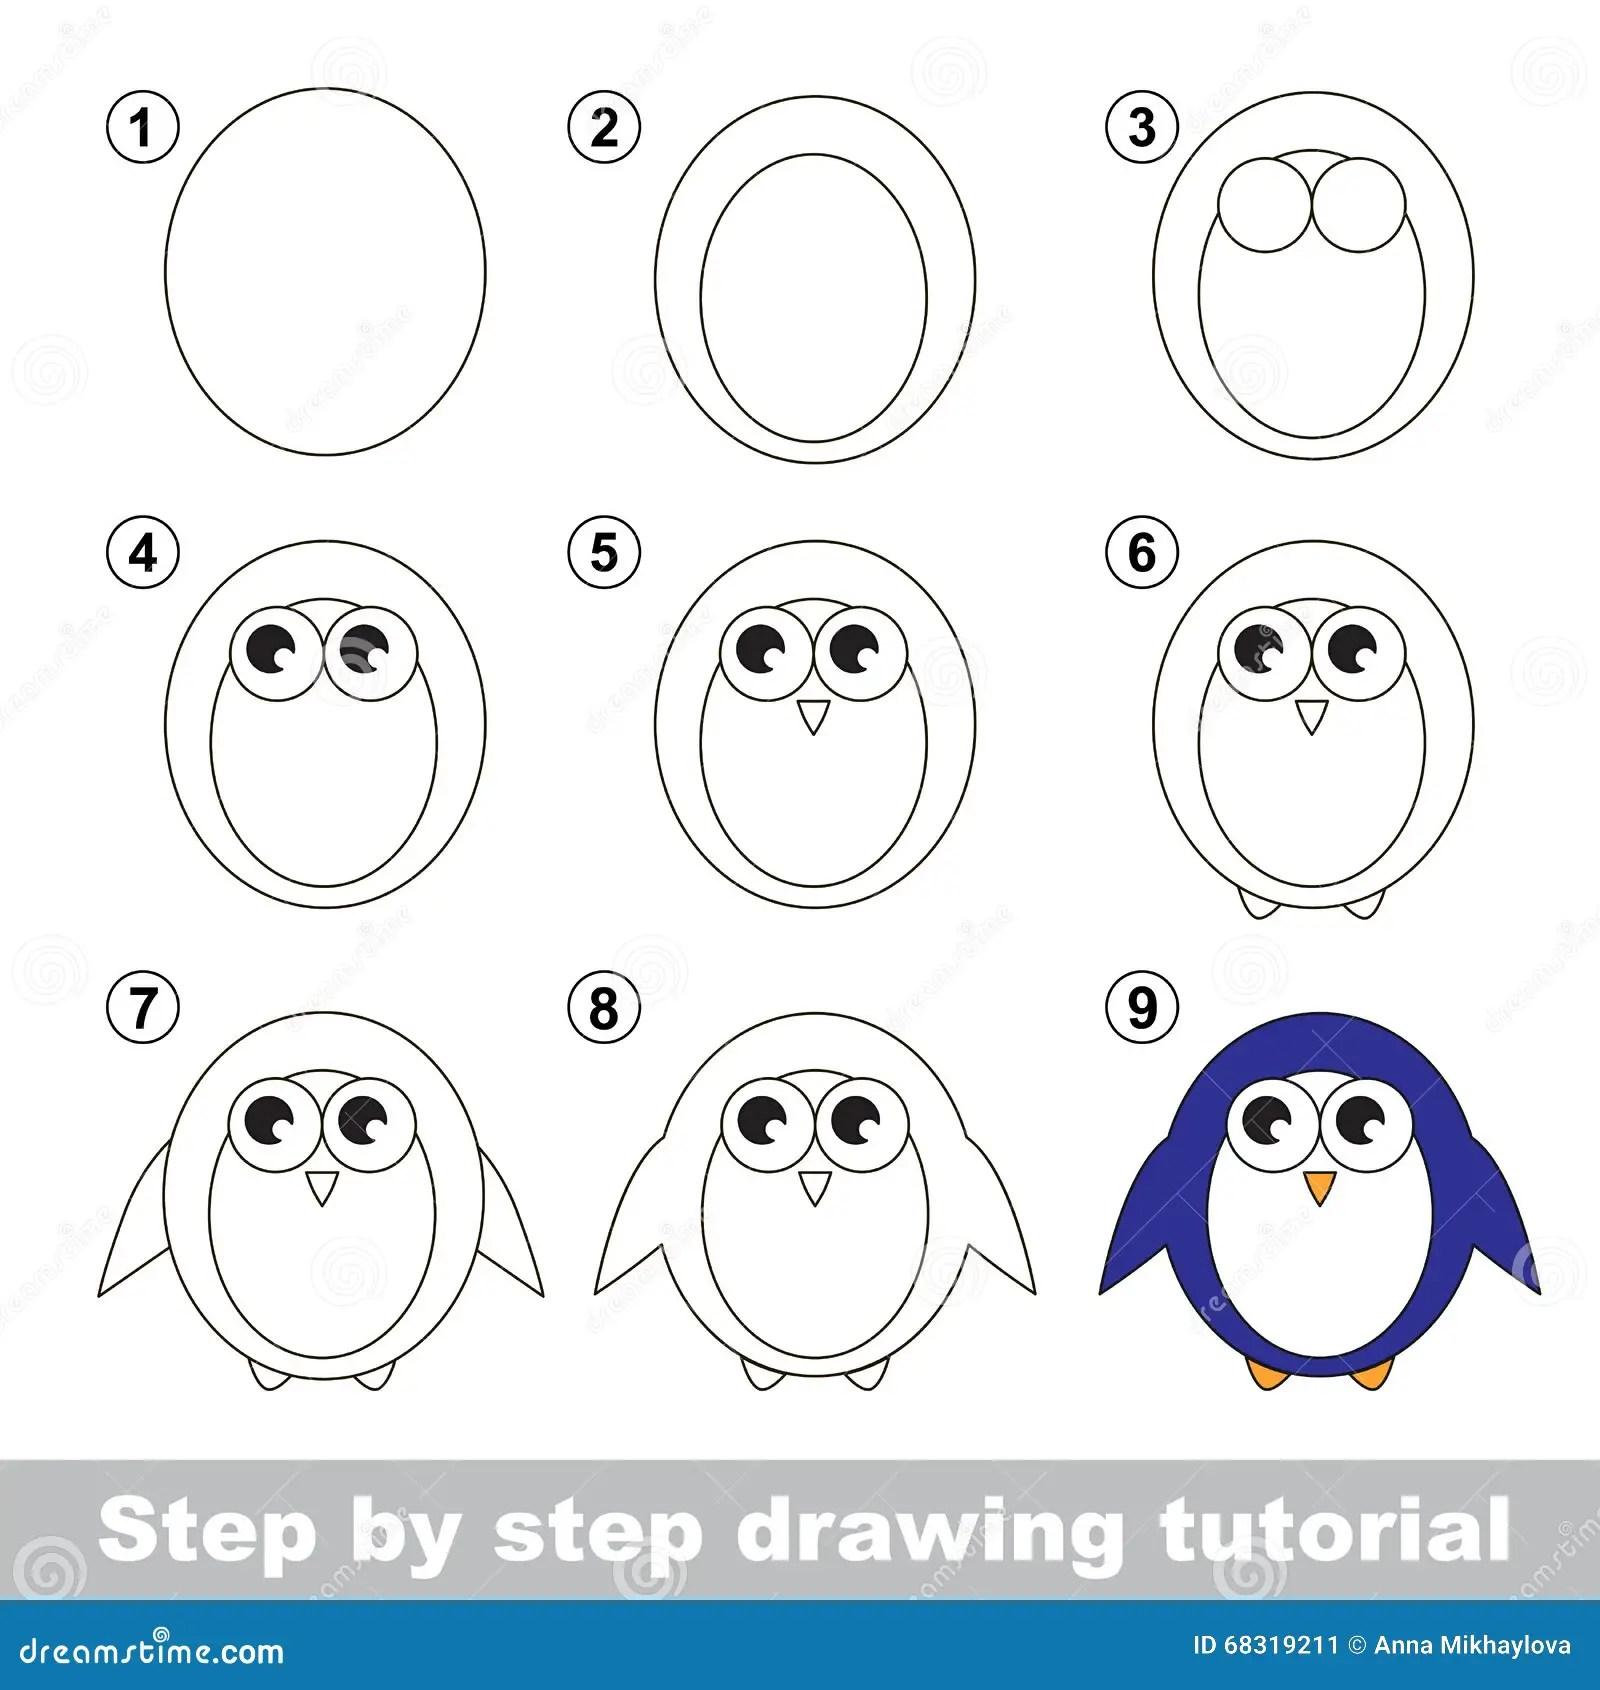 Zeichnendes Tutorium Wie Man Einen Pinguin Zeichnet Vektor